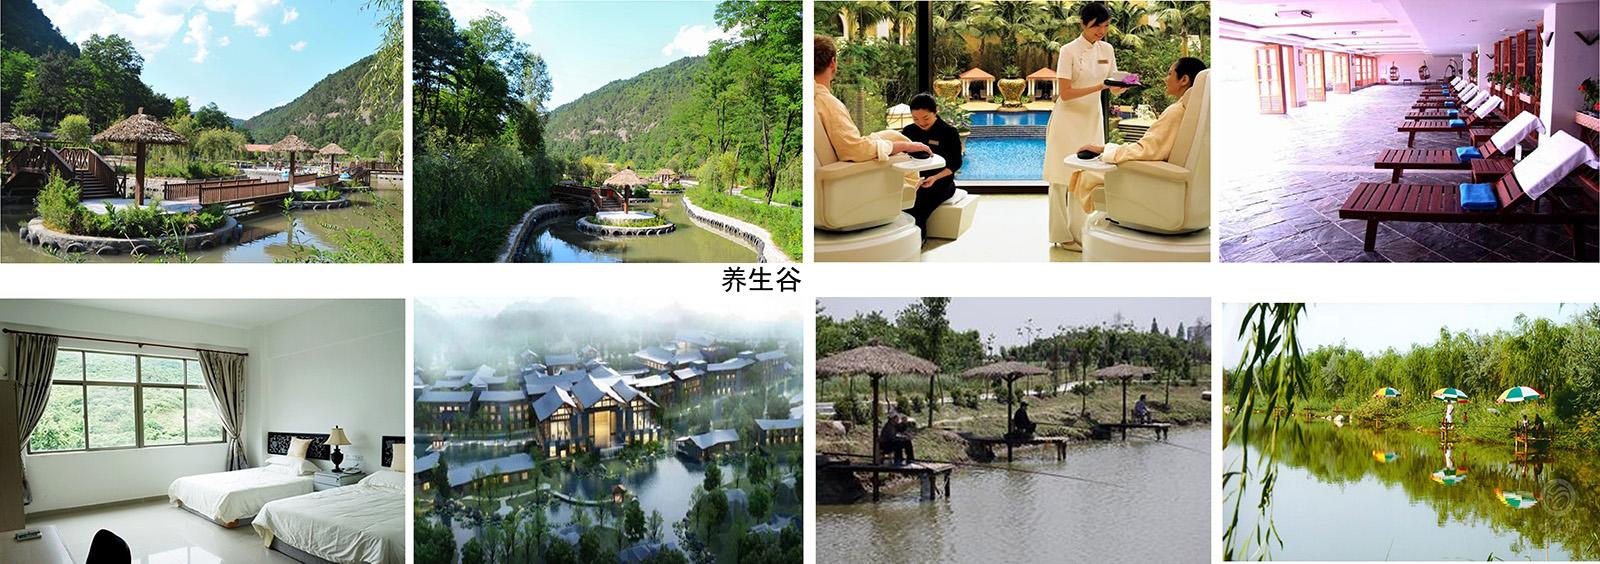 云南安宁佳禾休闲生态庄园景观工程庄园垂钓养生景观